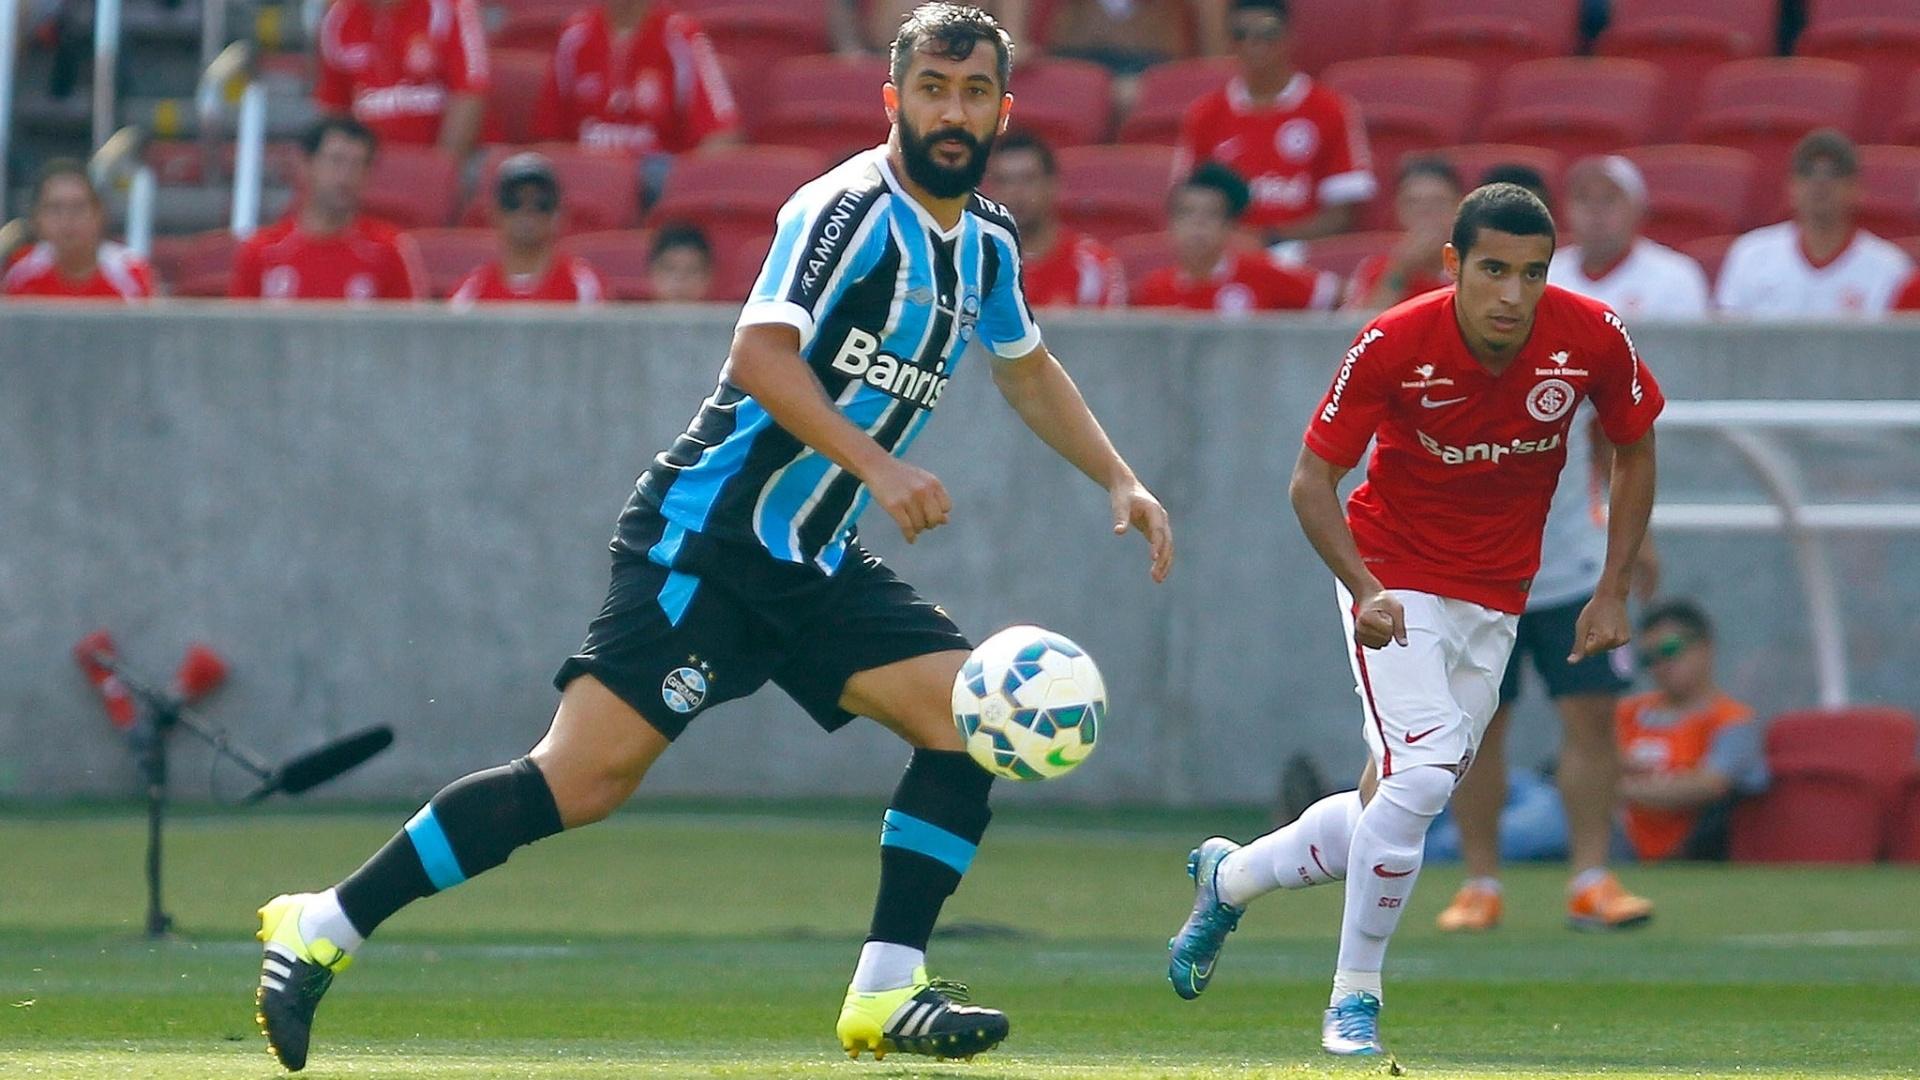 Douglas tenta fazer a jogada para o Grêmio contra o Internacional, no Campeonato Brasileiro